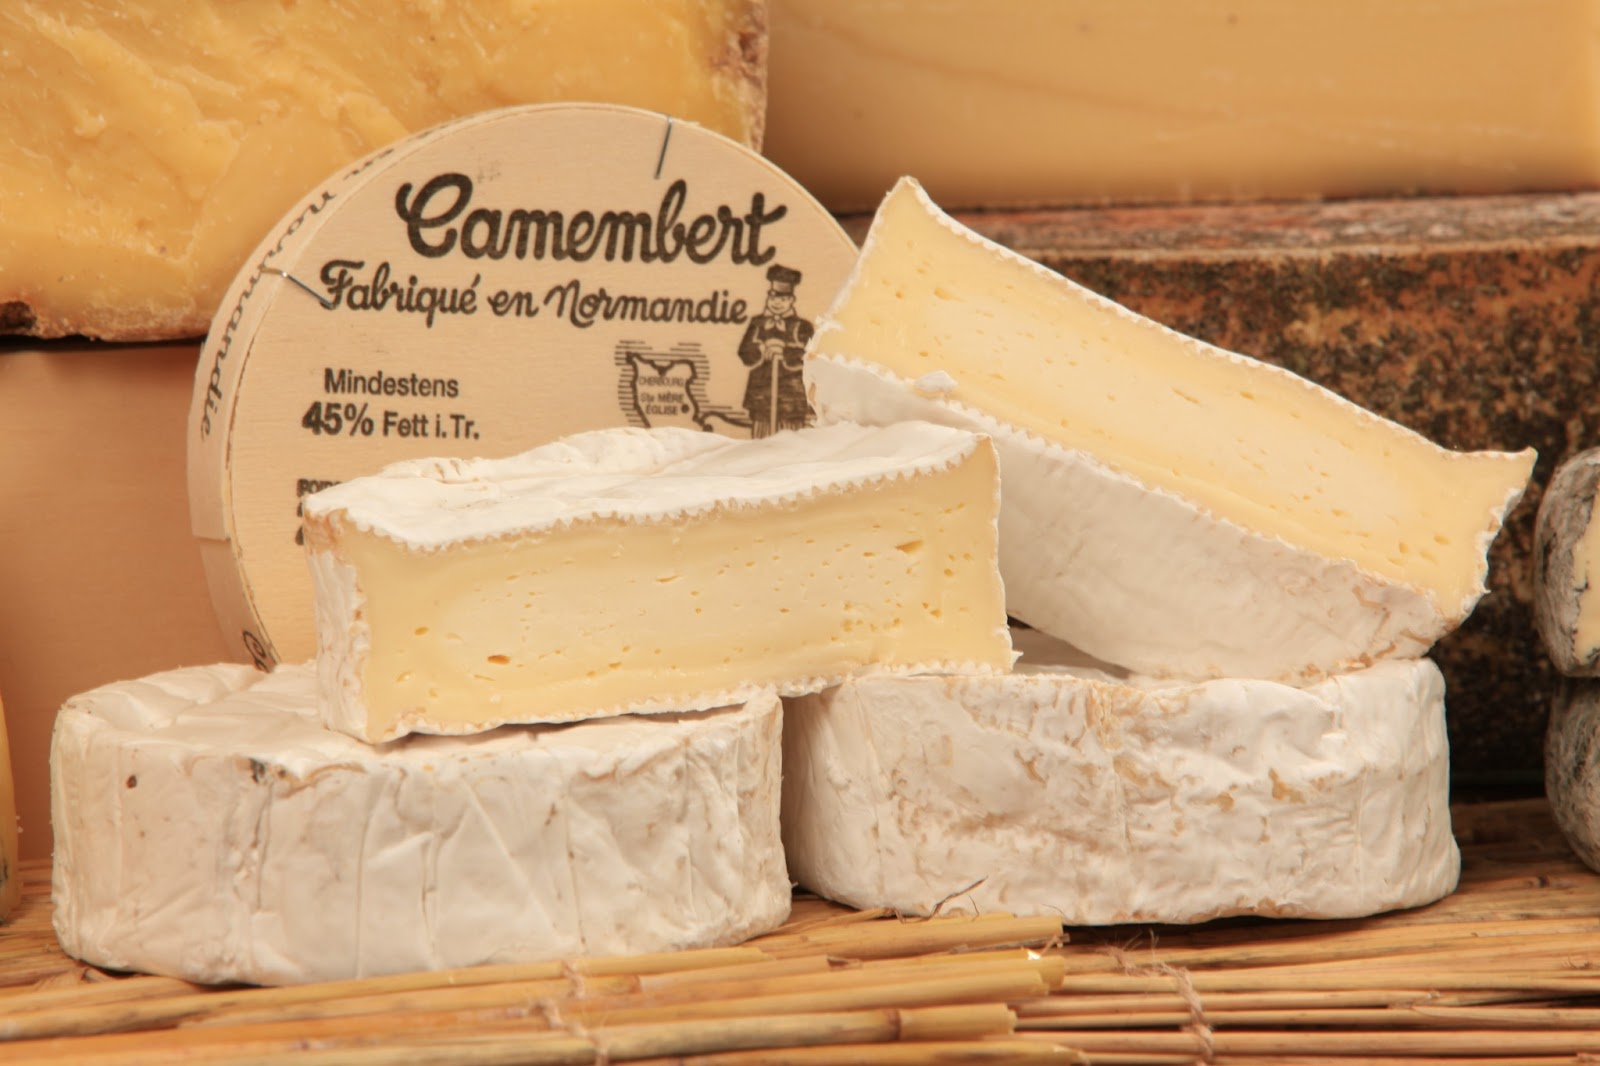 法國乳酪 @ 法國飲食文化報告 :: 痞客邦